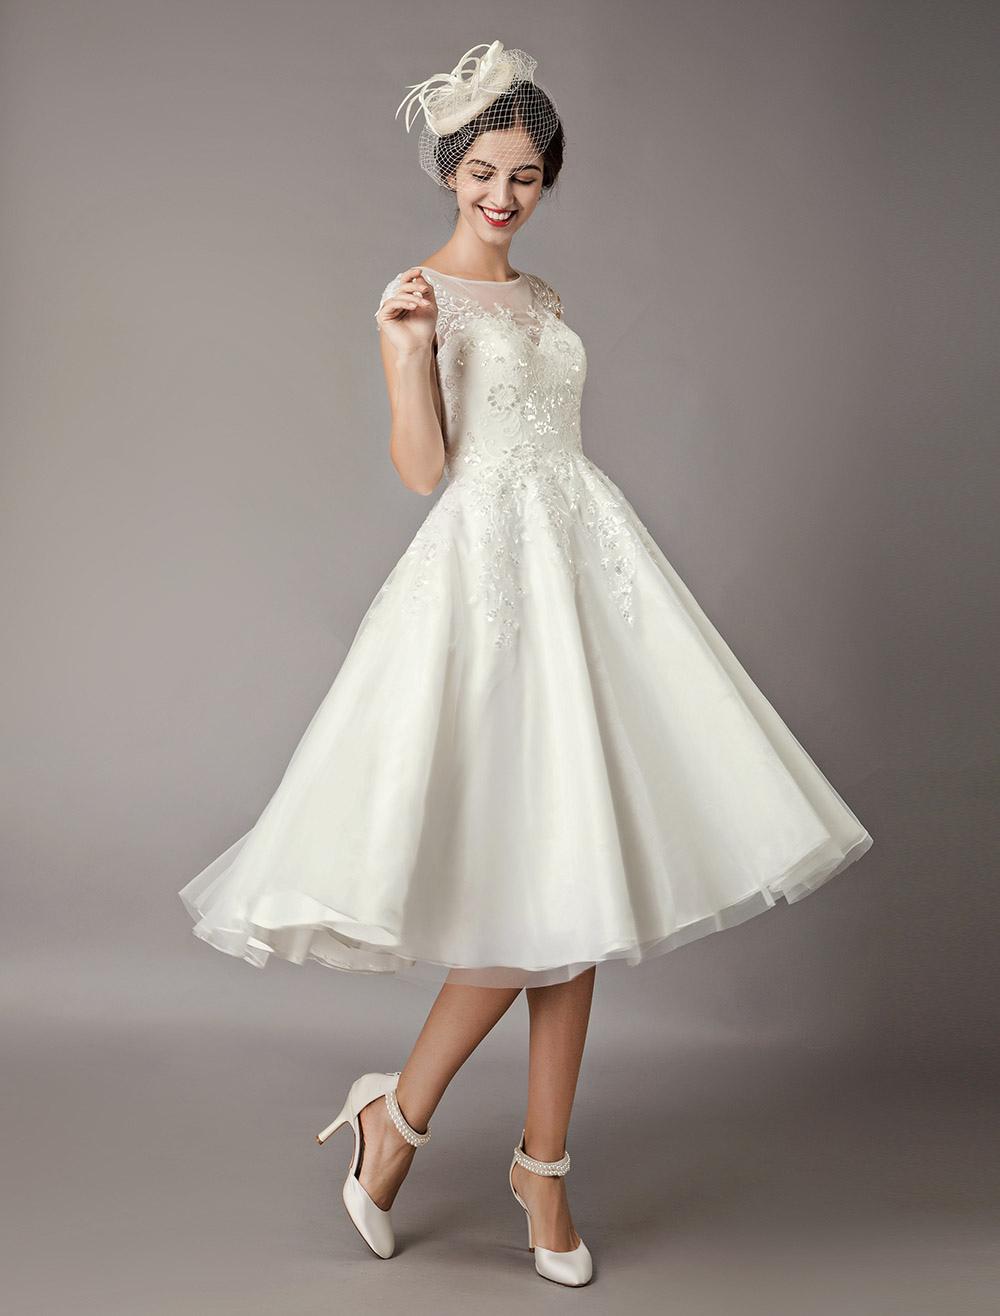 66d839fc973e ... Abito da sposa vintage 2019 Abiti da sposa vintage avorio corto in  tulle con paillettes e ...